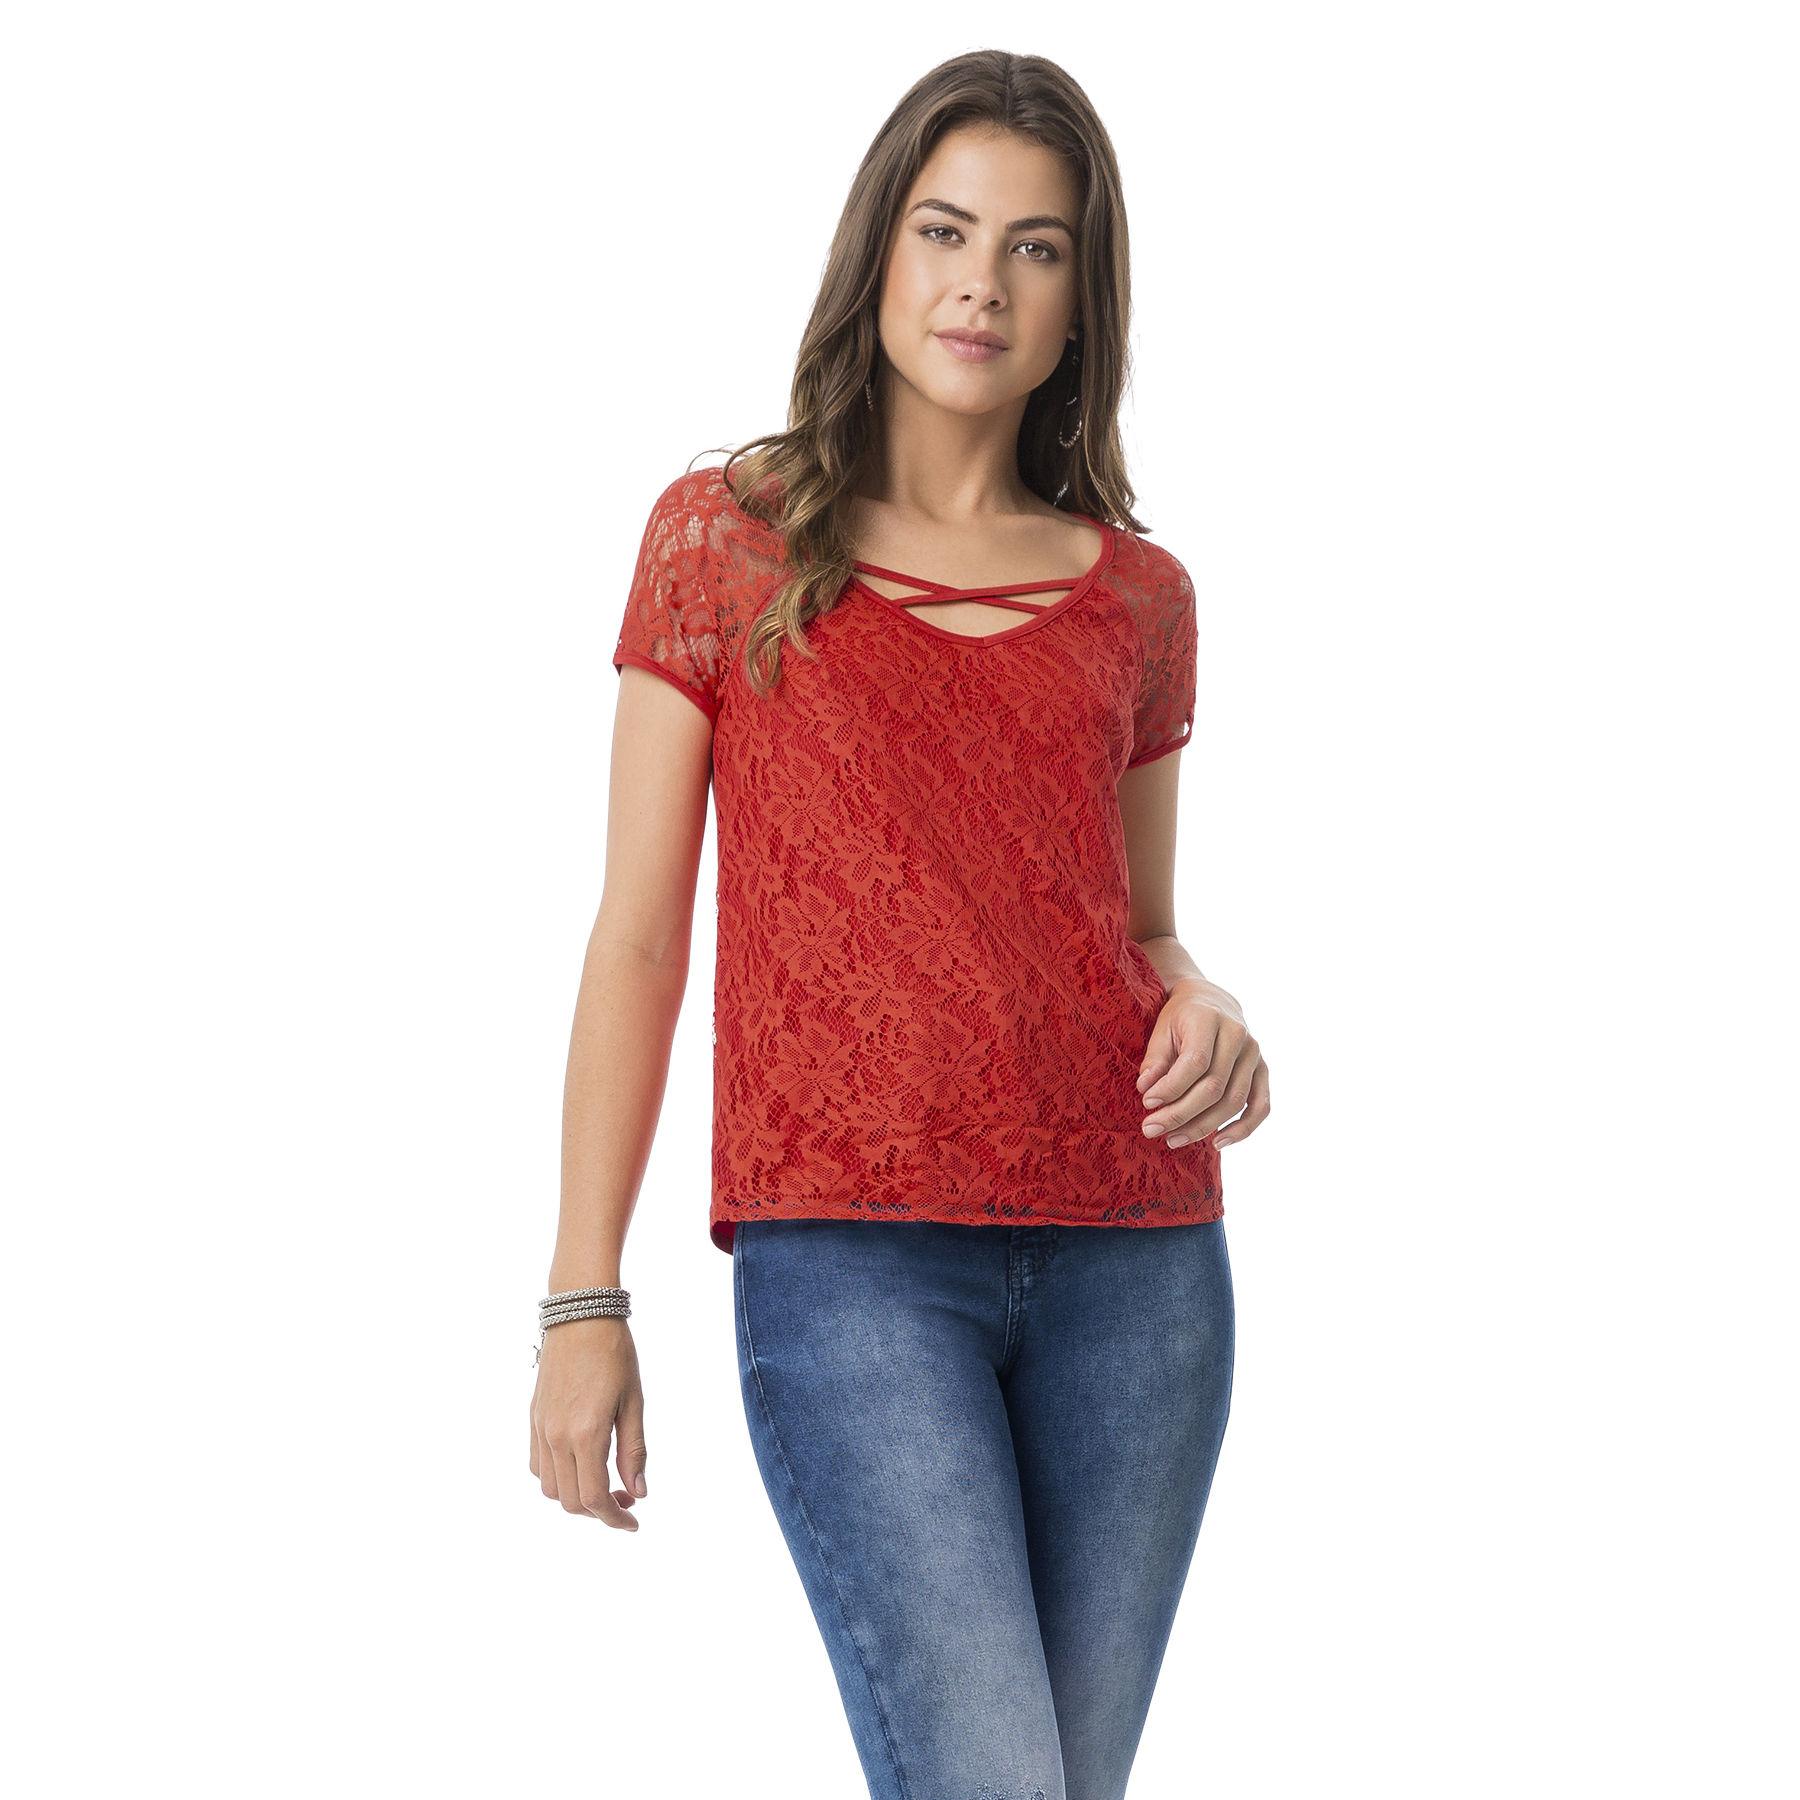 cece802153 latest blusa renda com tiras decote vermelho tease with modelos de blusa.